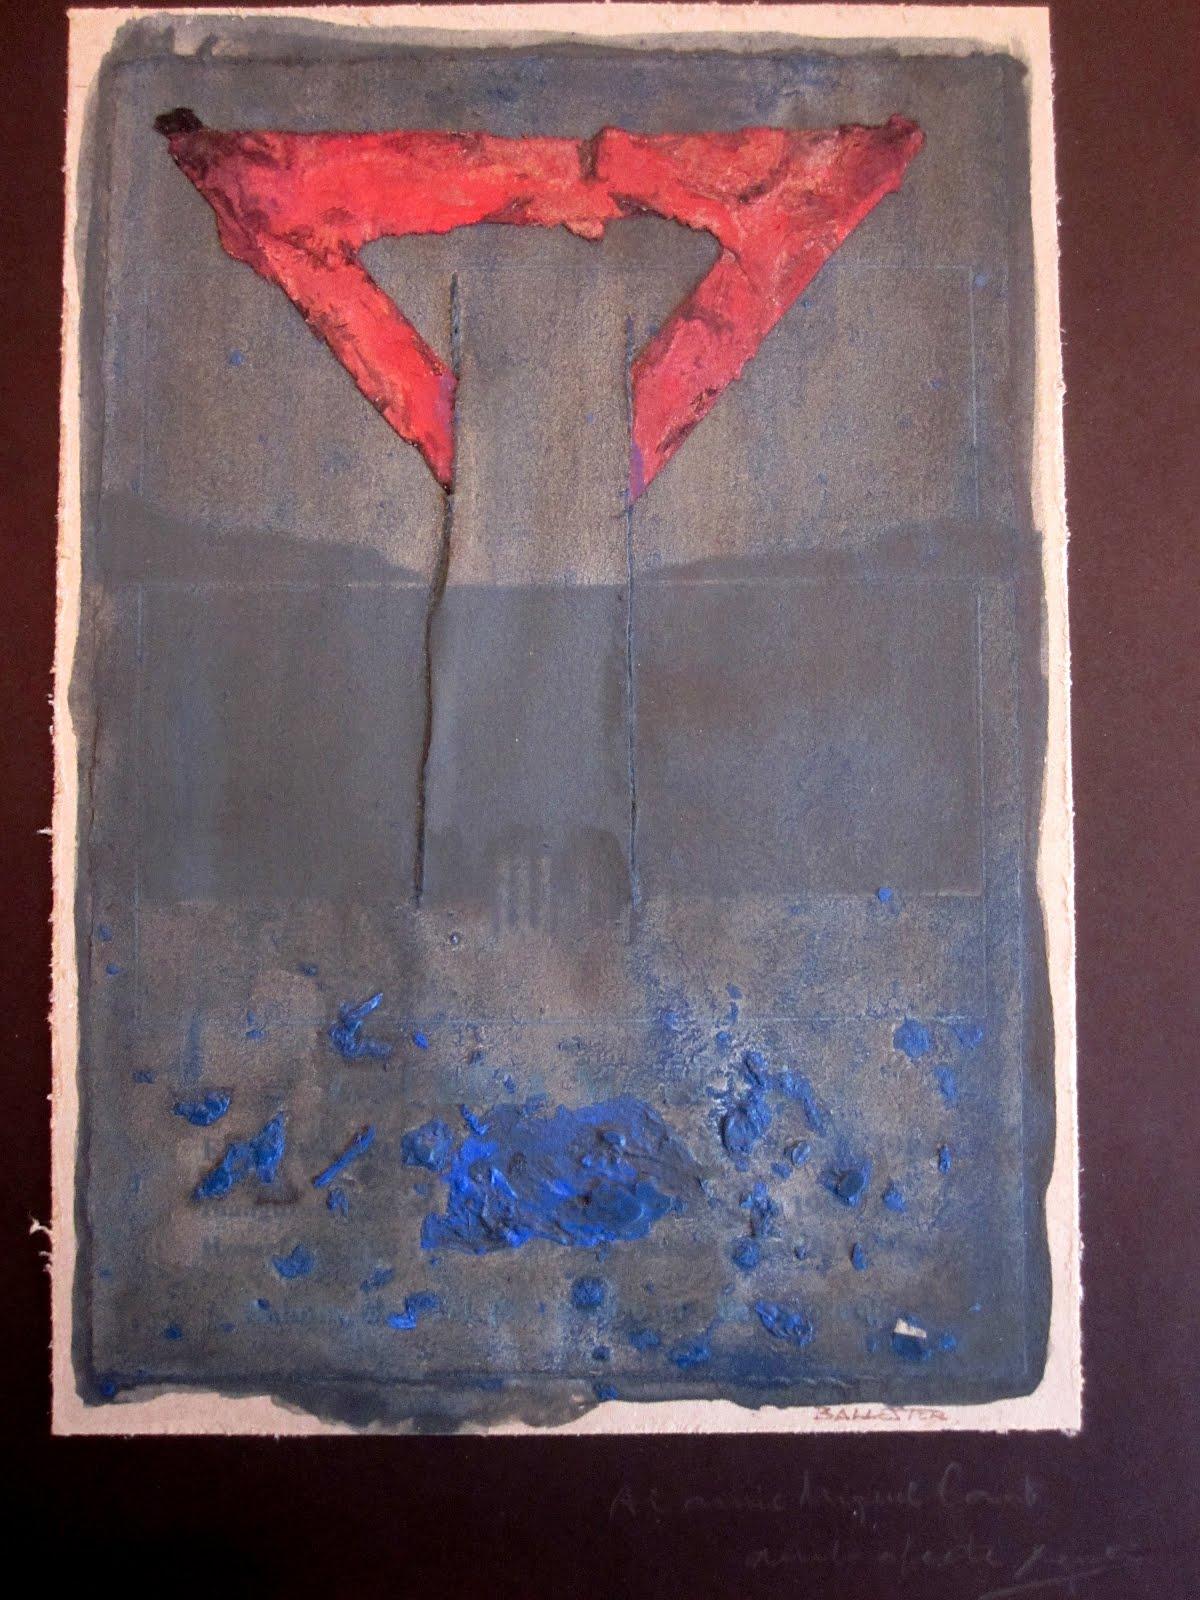 Un pintor recóndito, Agustí Ballester.